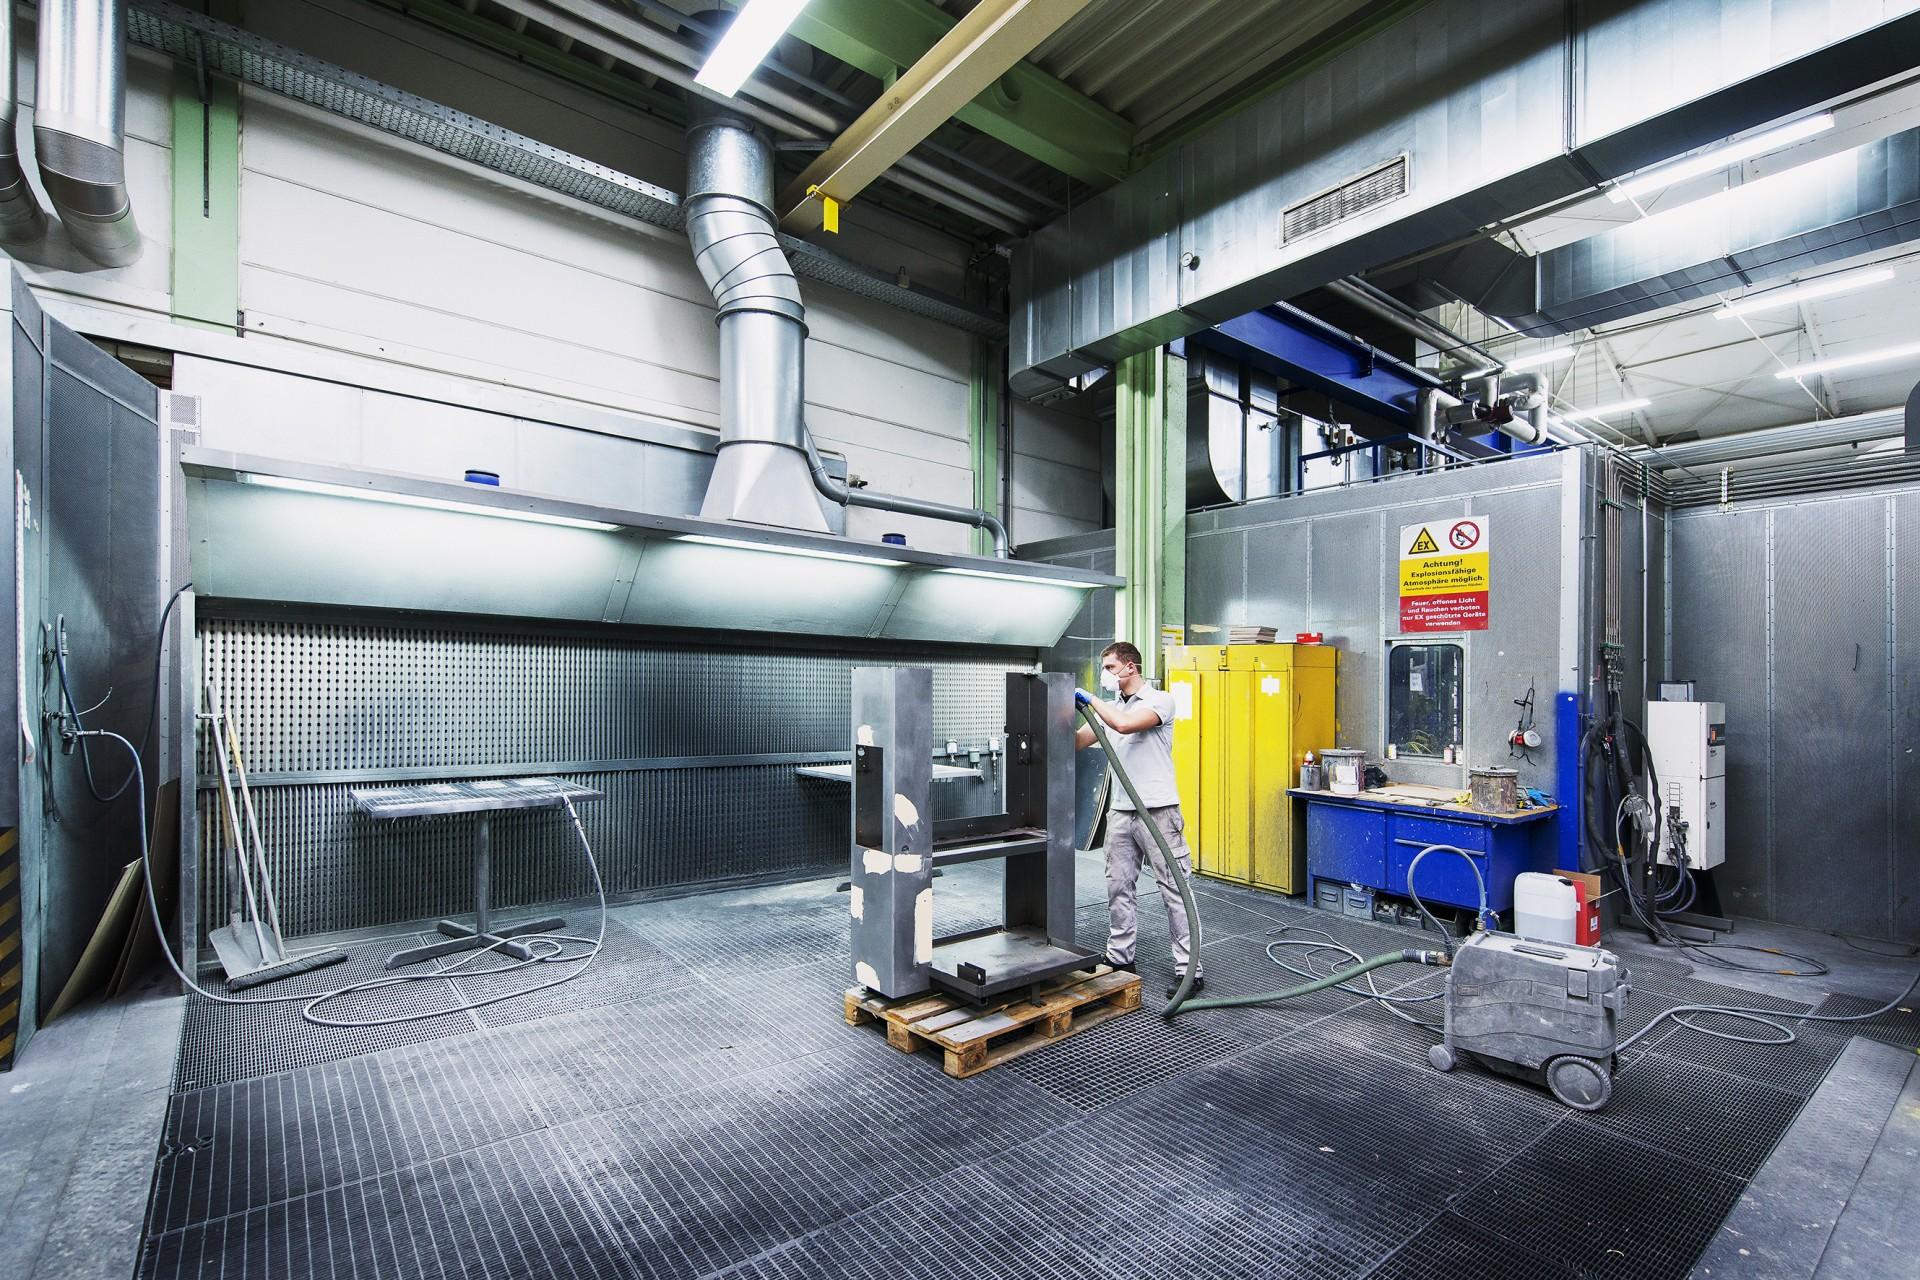 653-Hogrefe-Photodesign-Industriefotos-sN6TeccD